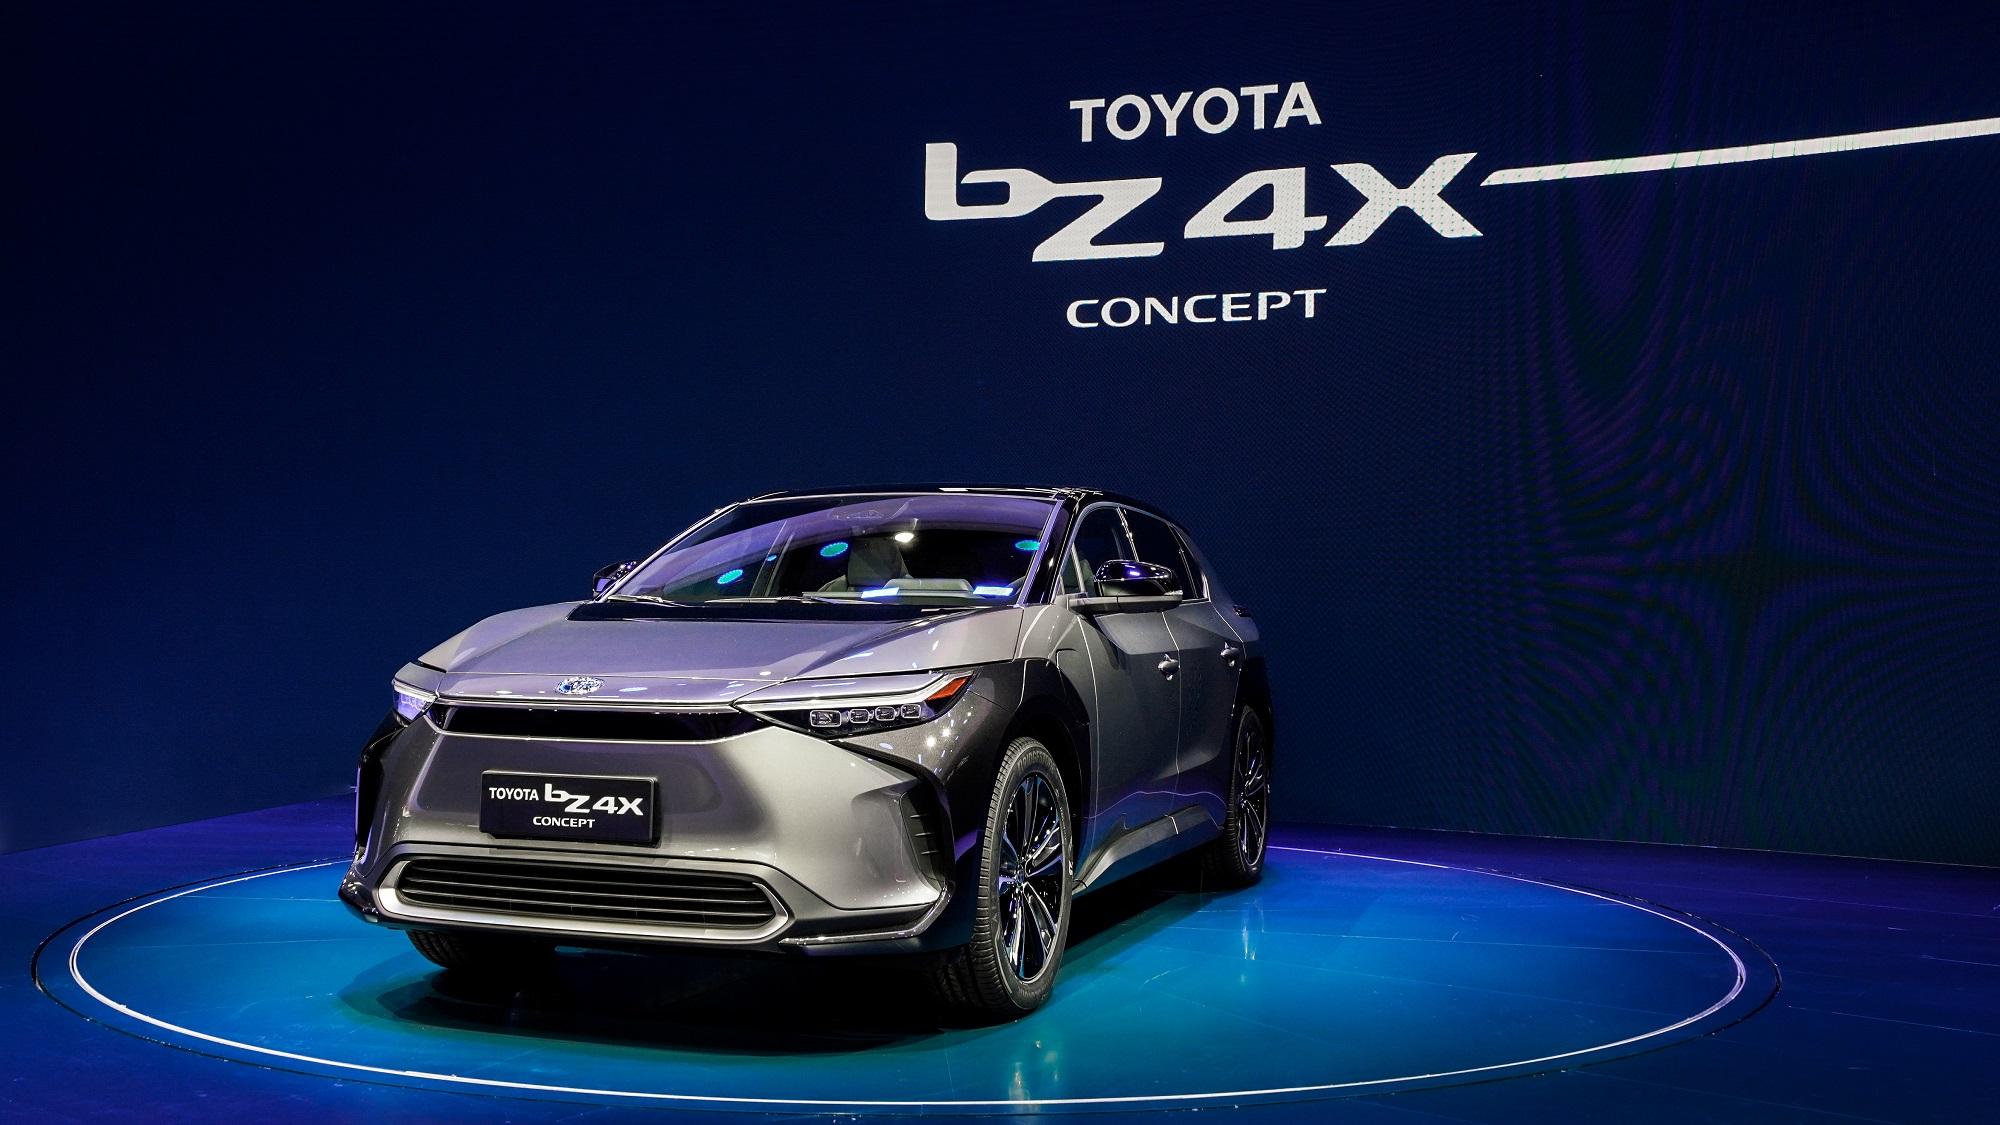 加大投入 丰田计划斥资90亿美元建造汽车电池厂